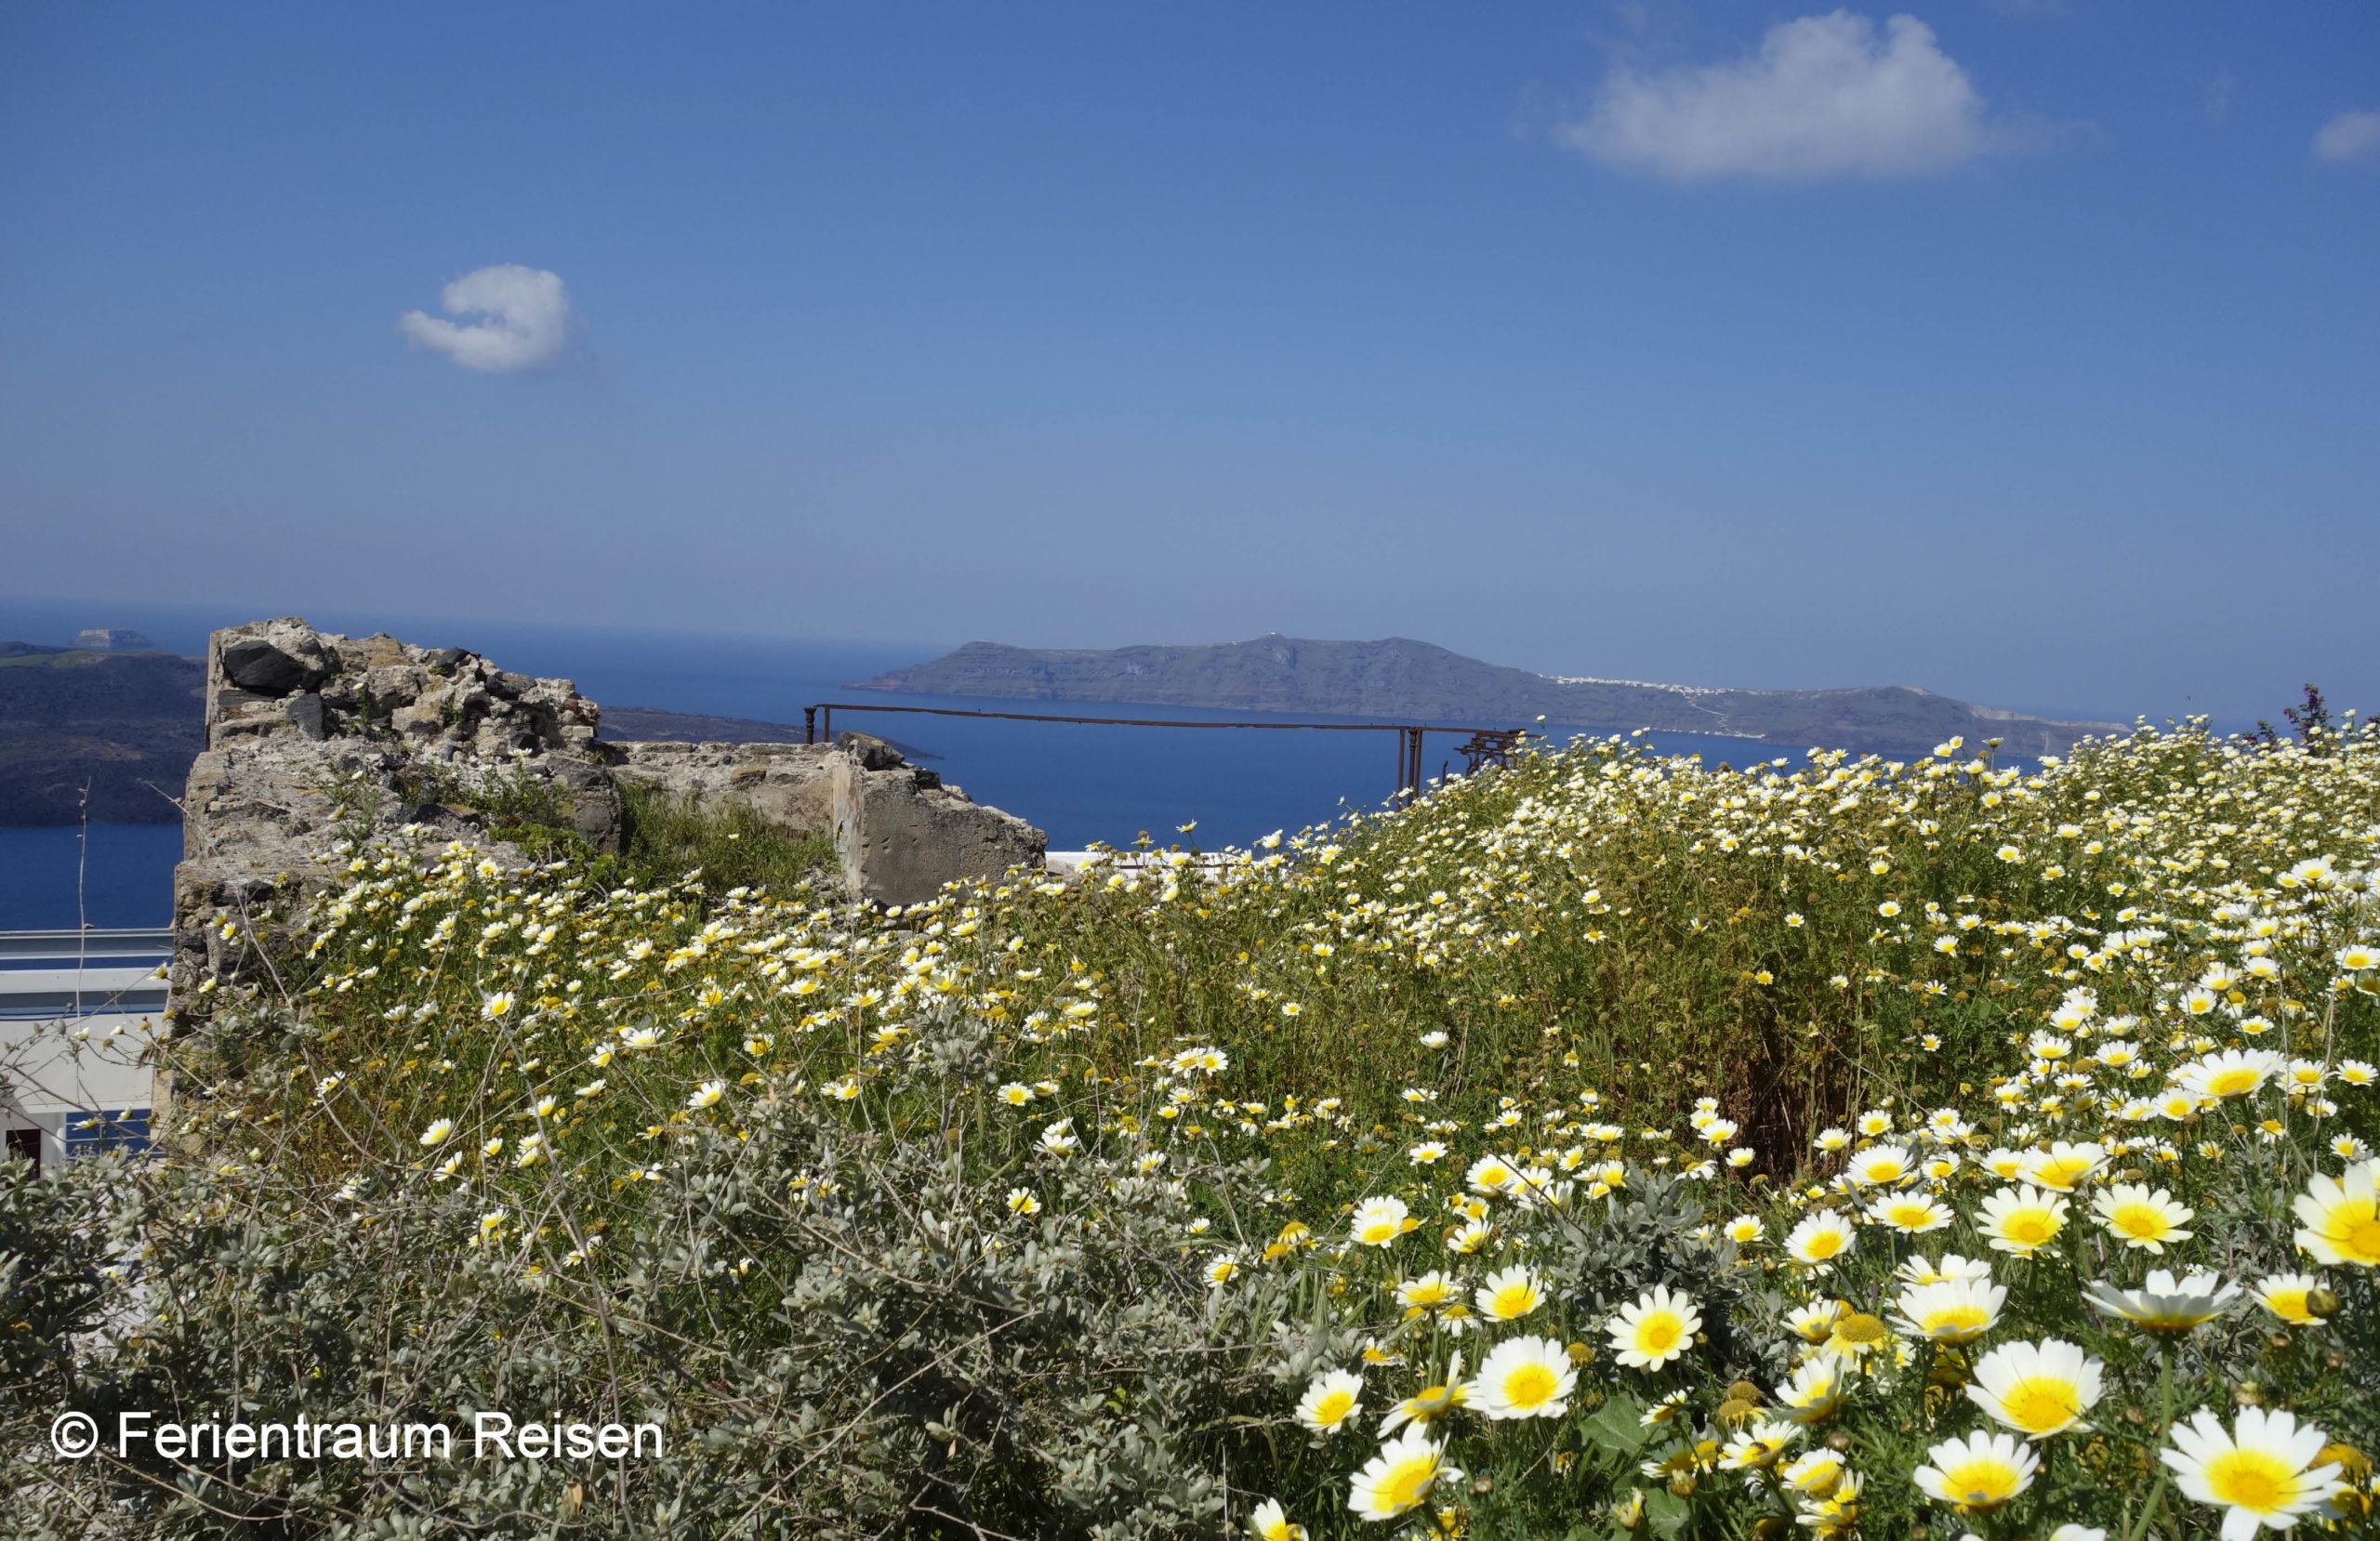 Ferientraum Reisen Blumenblick aufs Meer